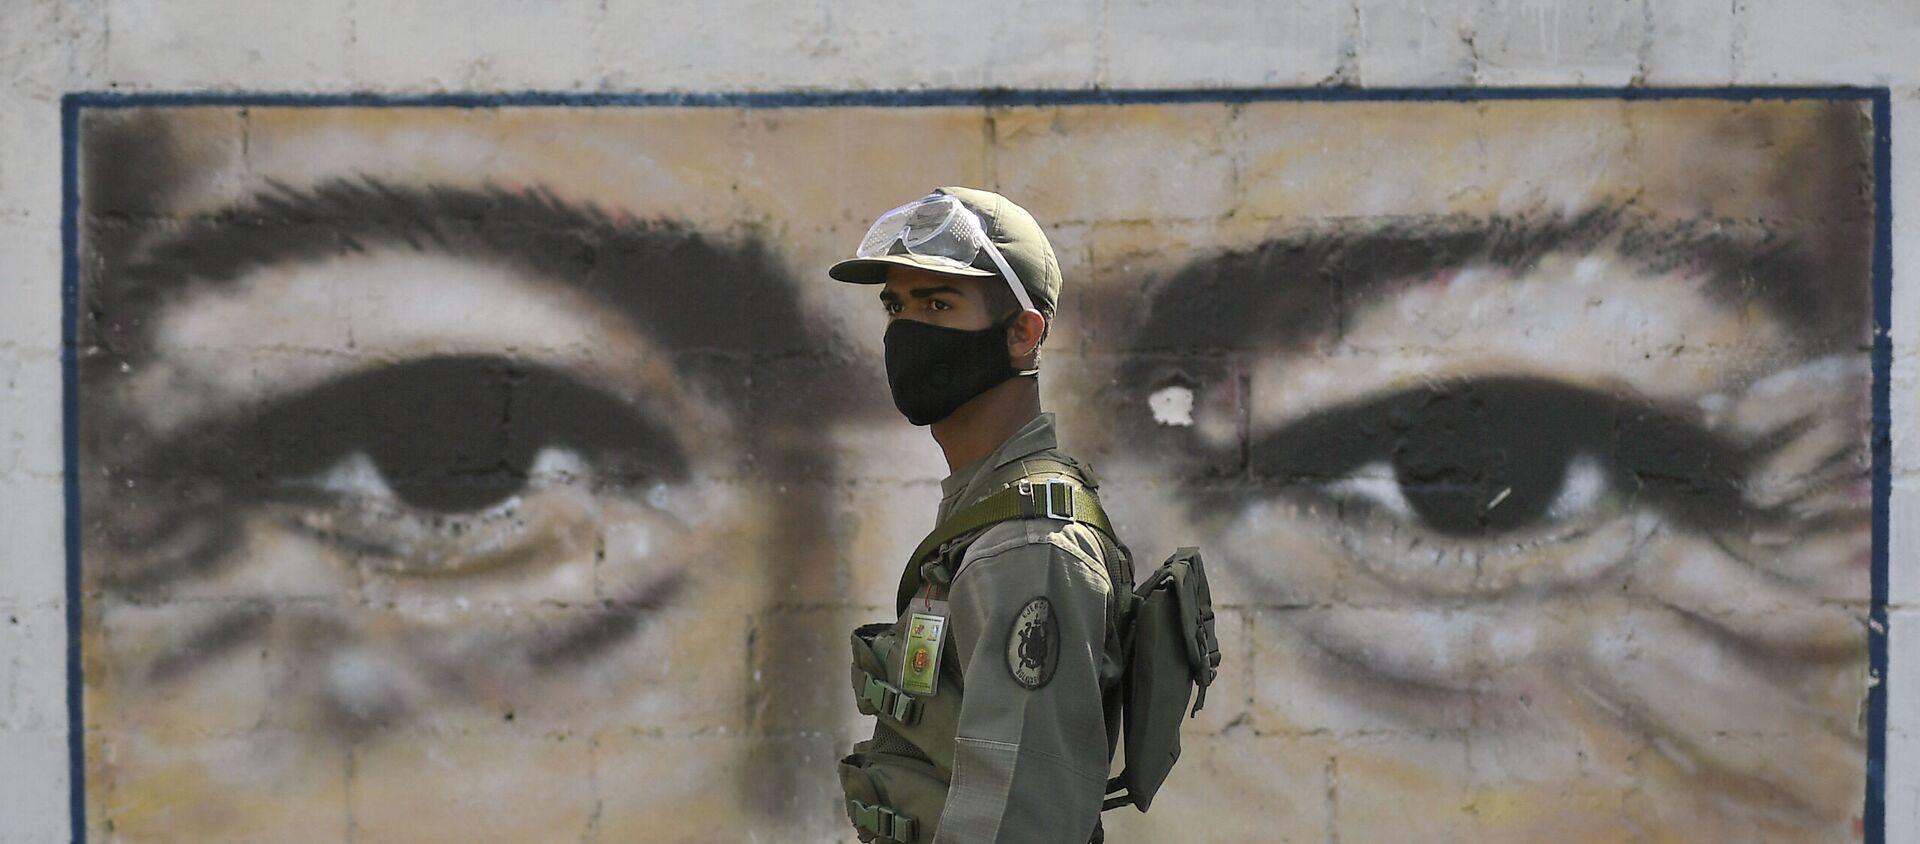 Un soldado frente al mural con los ojos de Hugo Chávez en Caracas, Venezuela - Sputnik Mundo, 1920, 05.01.2021